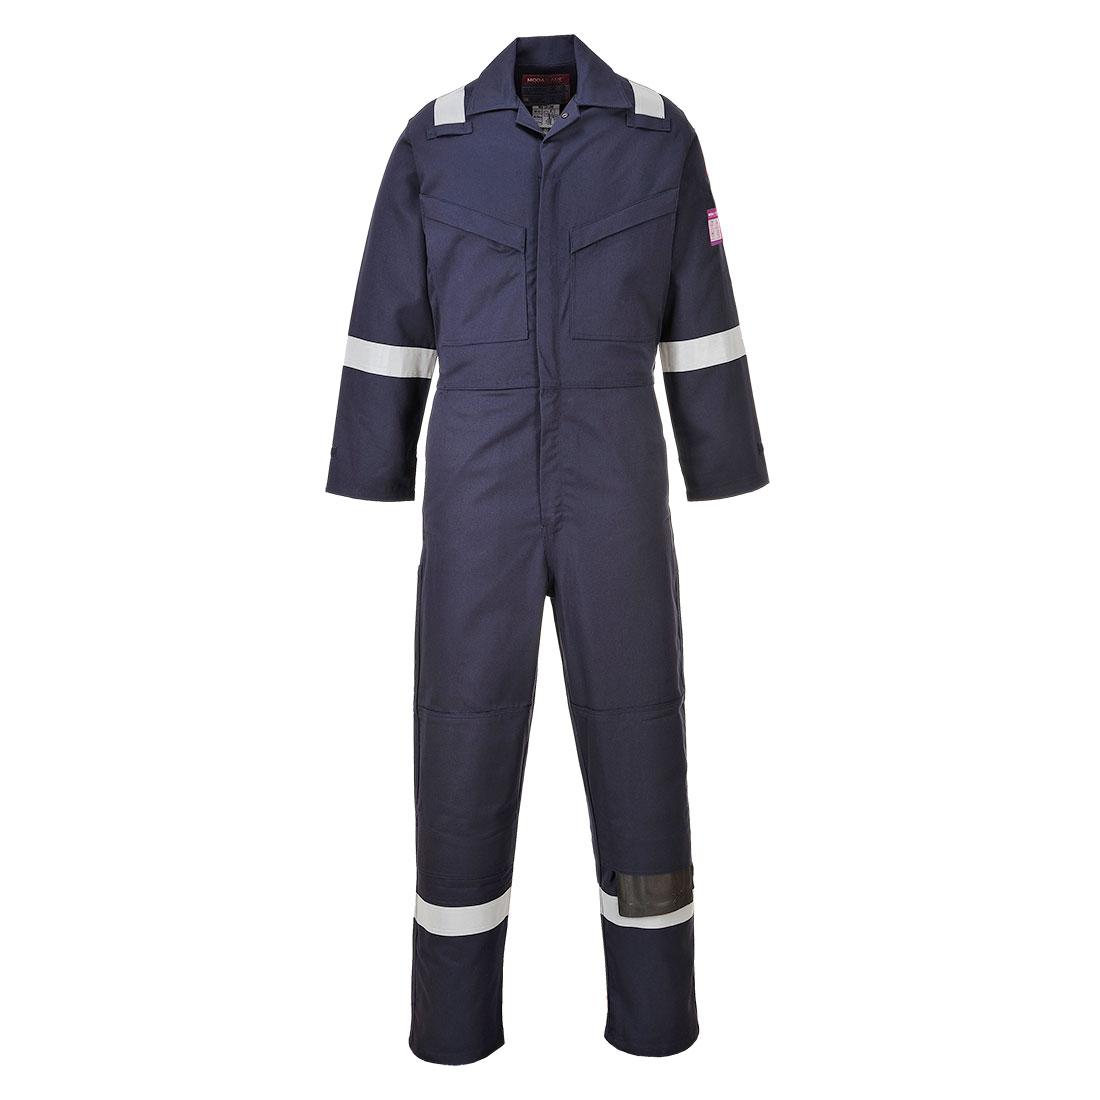 Mẫu đồng phục bảo hộ dài tay liền quần màu xám